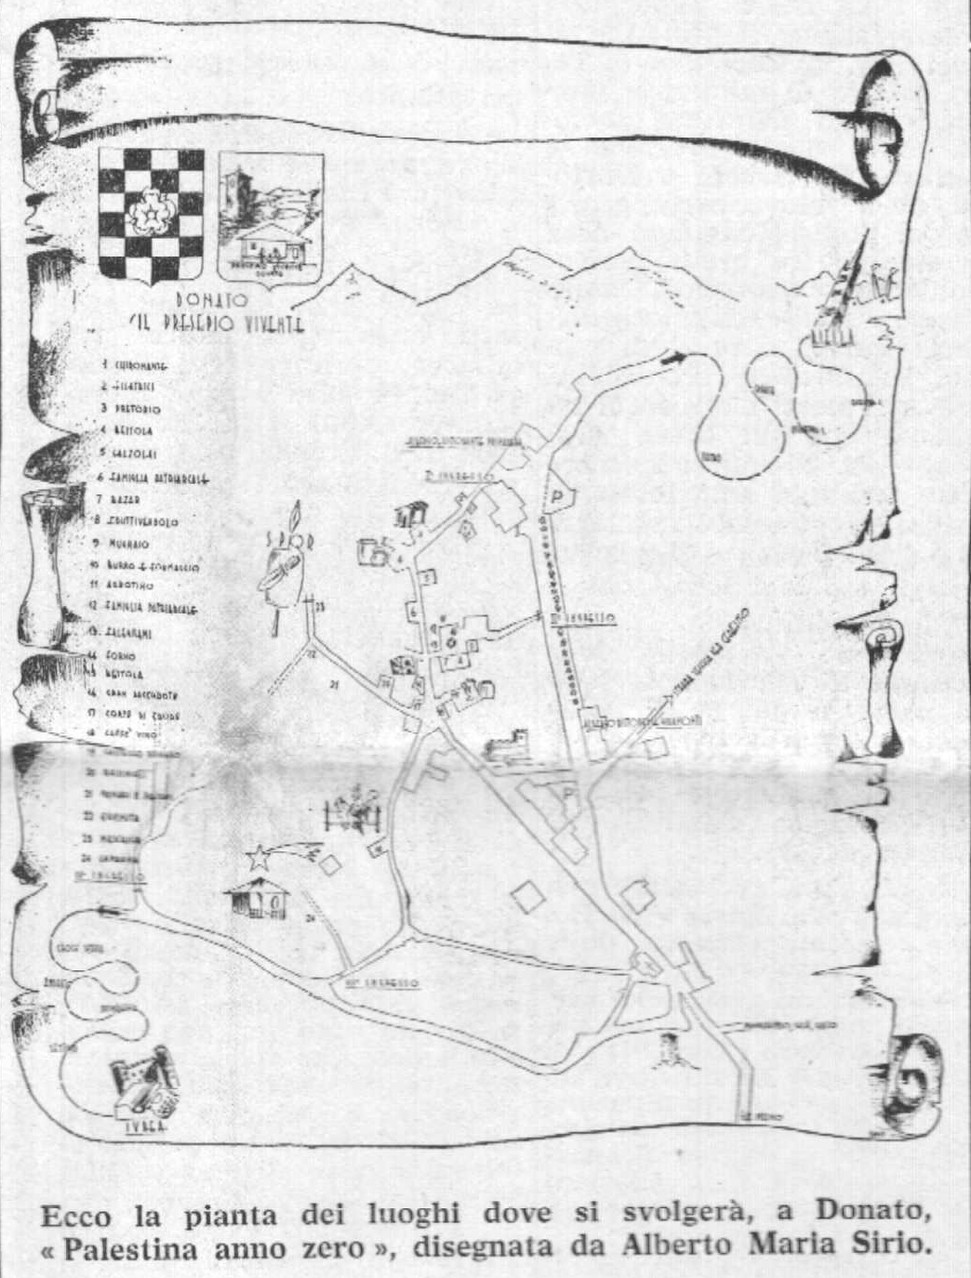 """La cartina di Donato-Betlemme pubblicata, in vista della seconda edizione di """"Palestina anno zero"""", su """"il Biellese"""" del 6 dicembre 1966"""